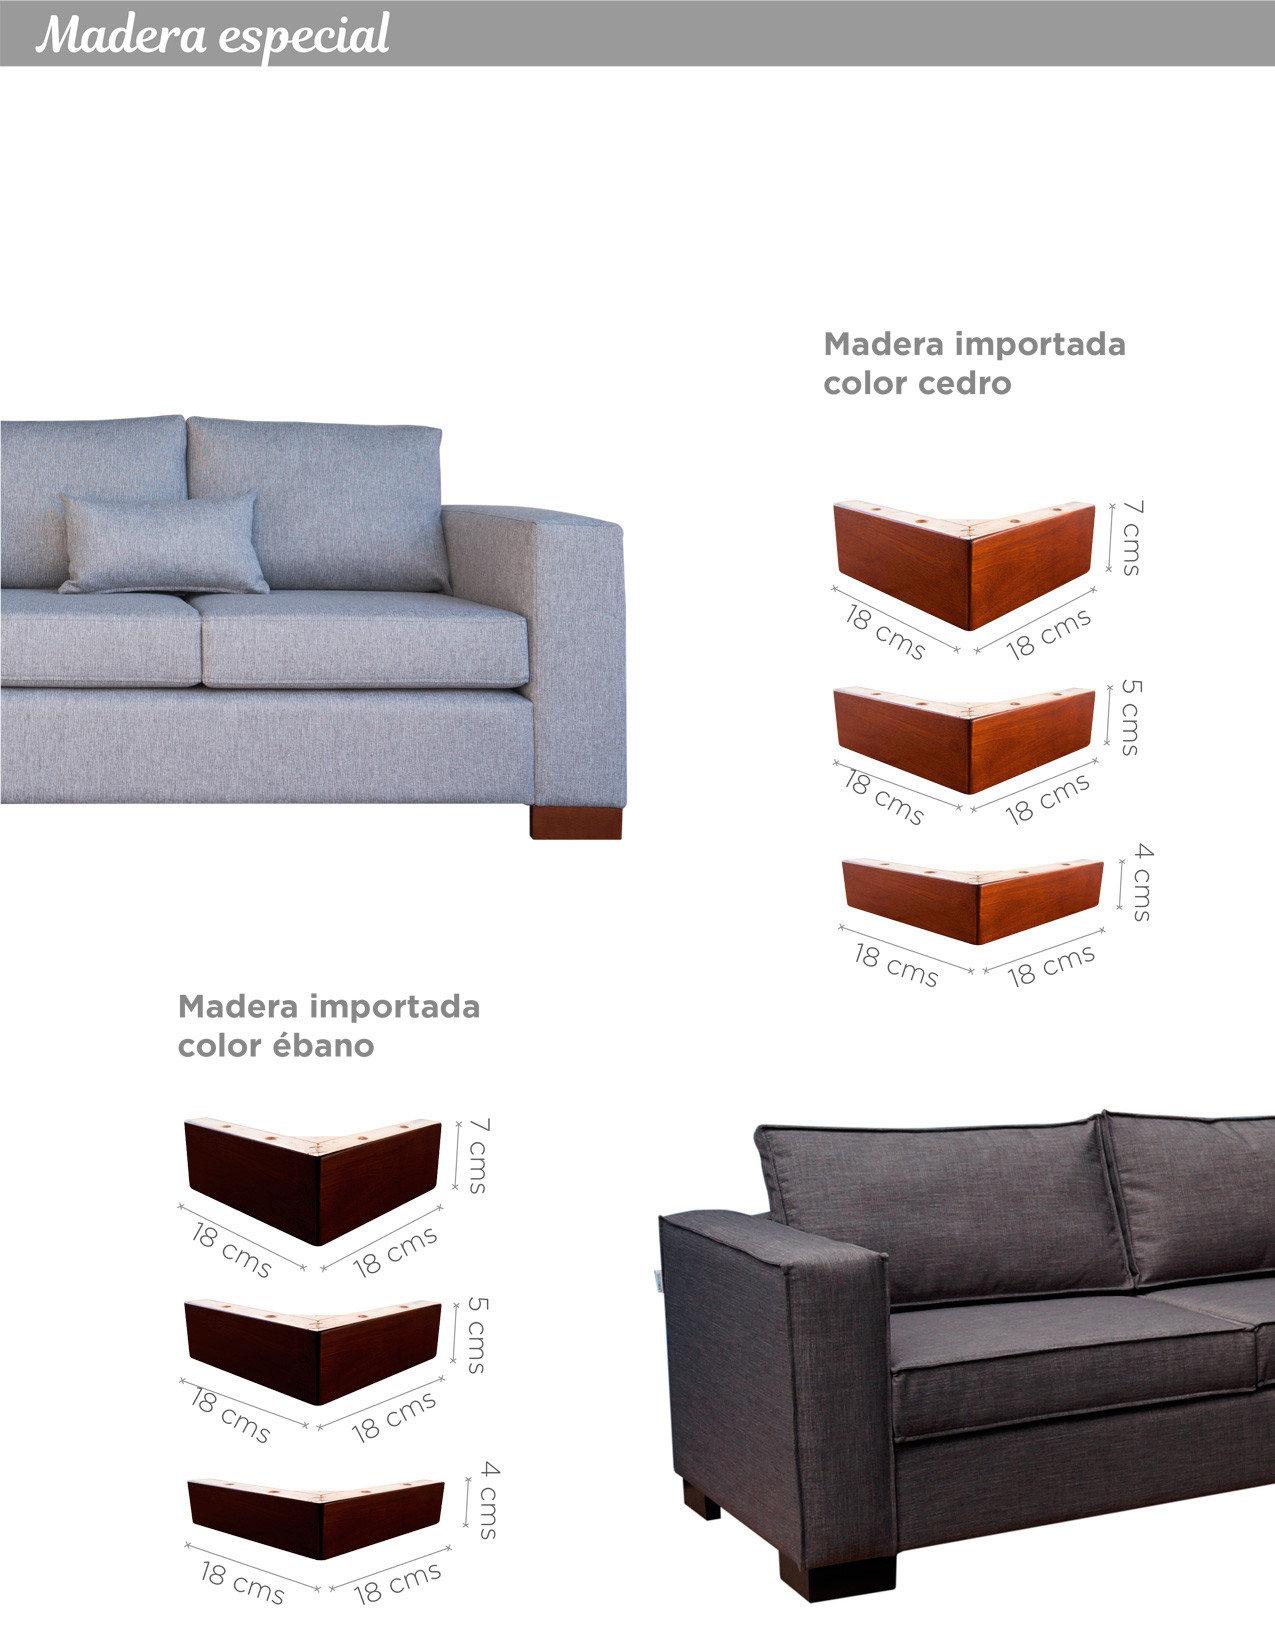 Patas de madera importadas 4, 5 y 7 cm altura colores cedro y ébano para sillones